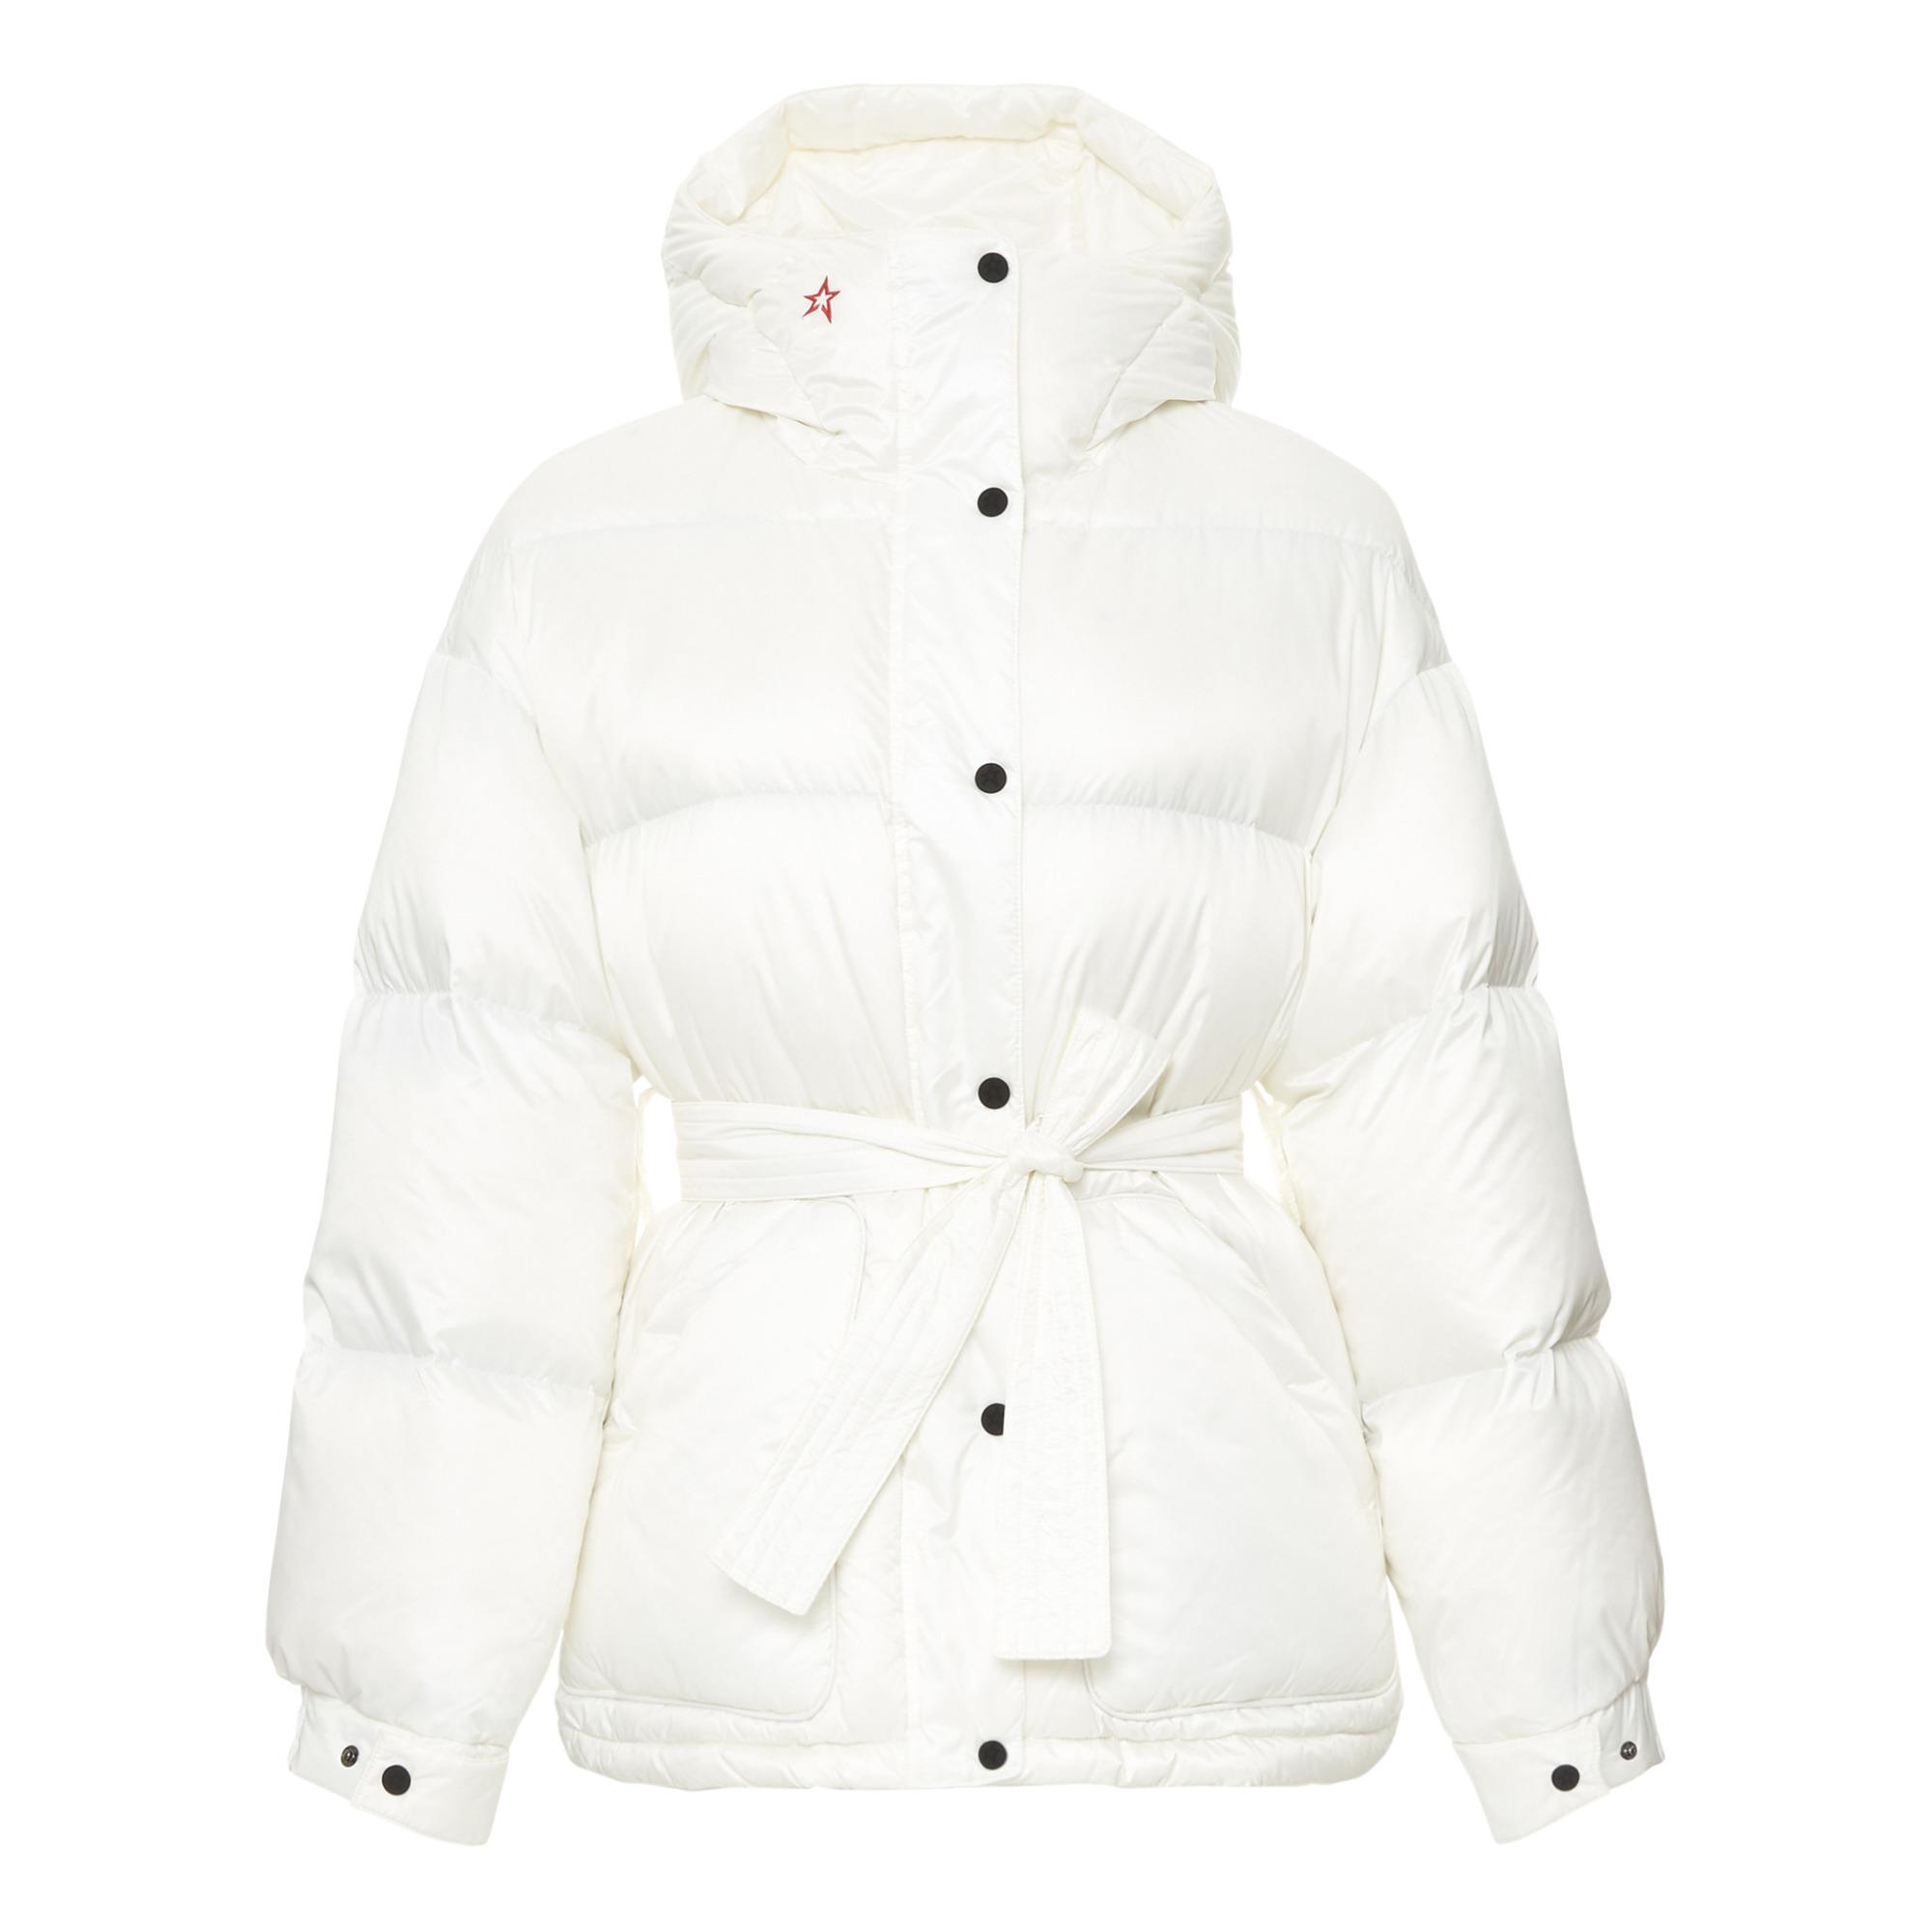 UNibelle Manteau Imperm/éable Femme Veste de Pluie L/éger Veste Coupe-Vent /à Capuche S-XXL